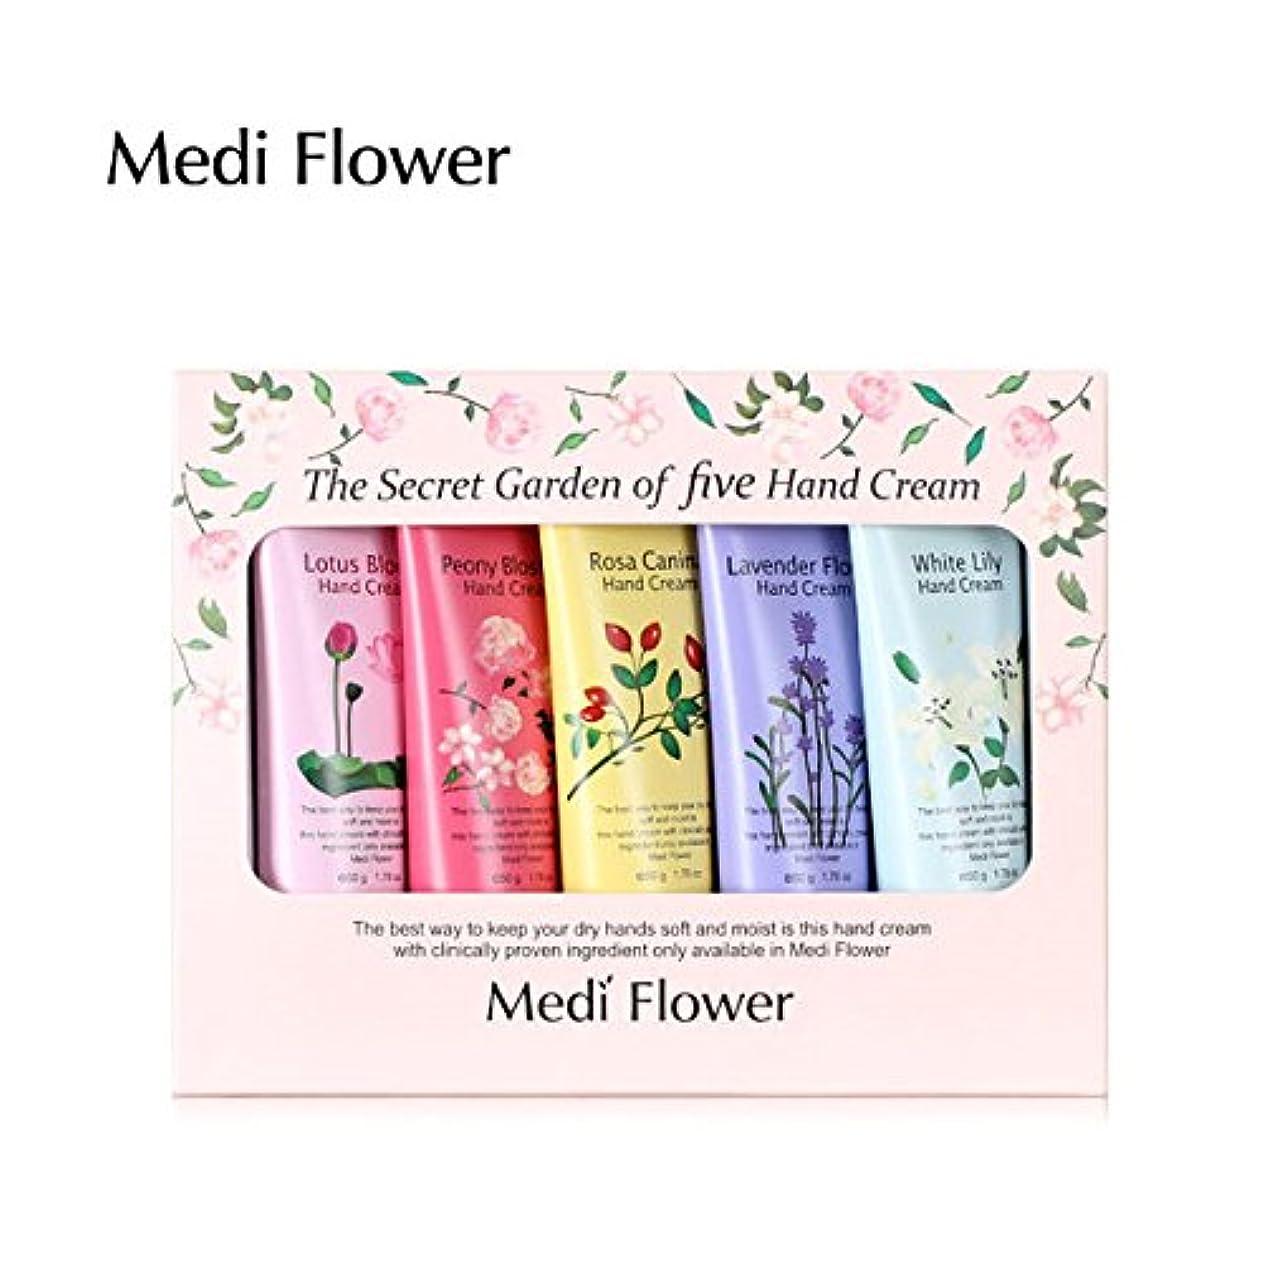 証明する石炭紀元前[MediFlower] ザ?シークレットガーデン?ハンドクリームセット(50g x 5個) / The Secret Garden of Five Hand Cream Set